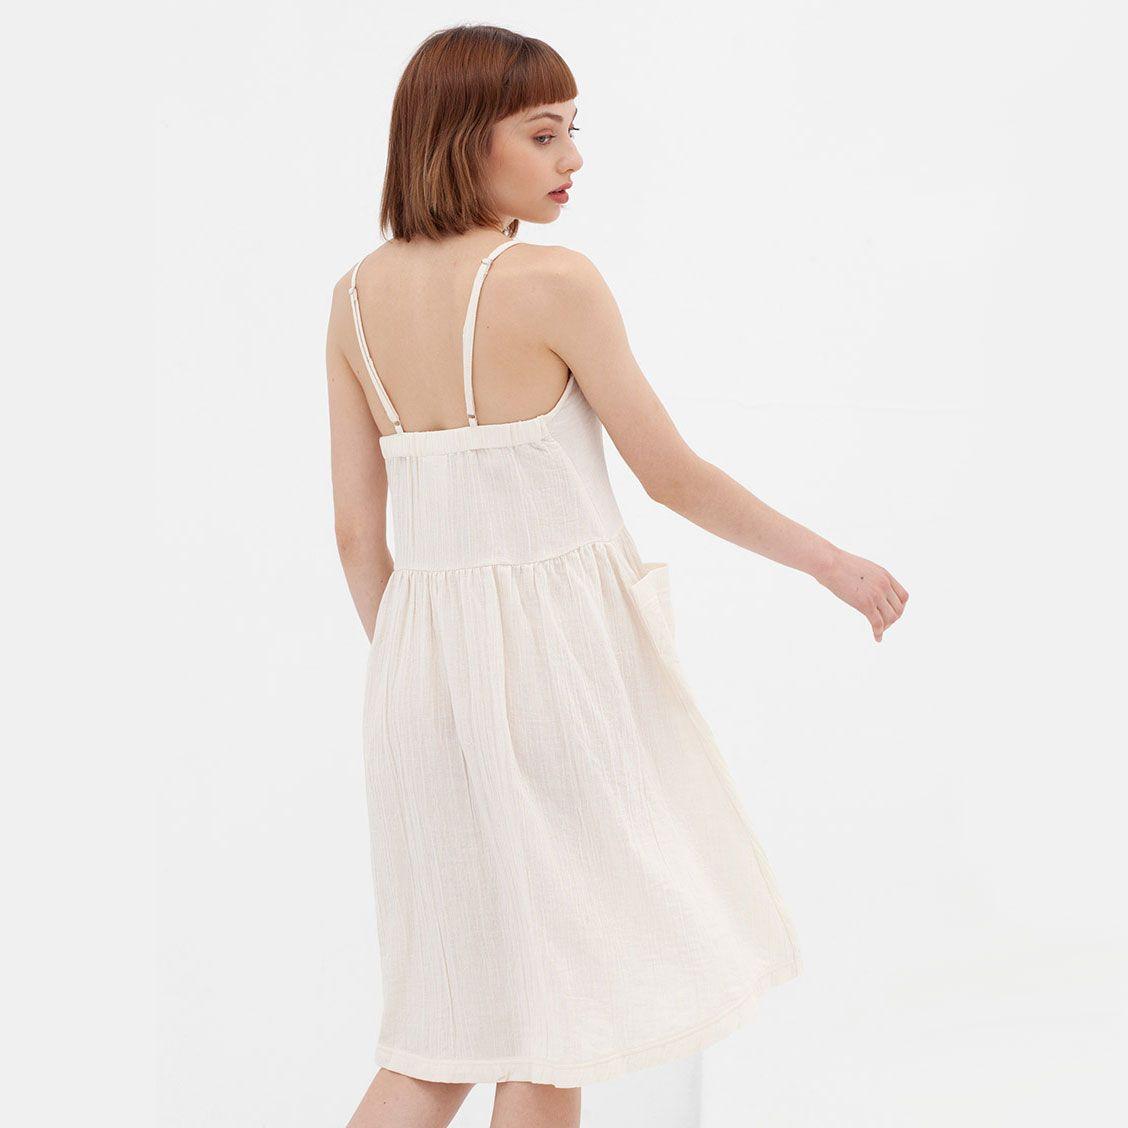 Espalda vestido blanco tirantes algodón orgánico